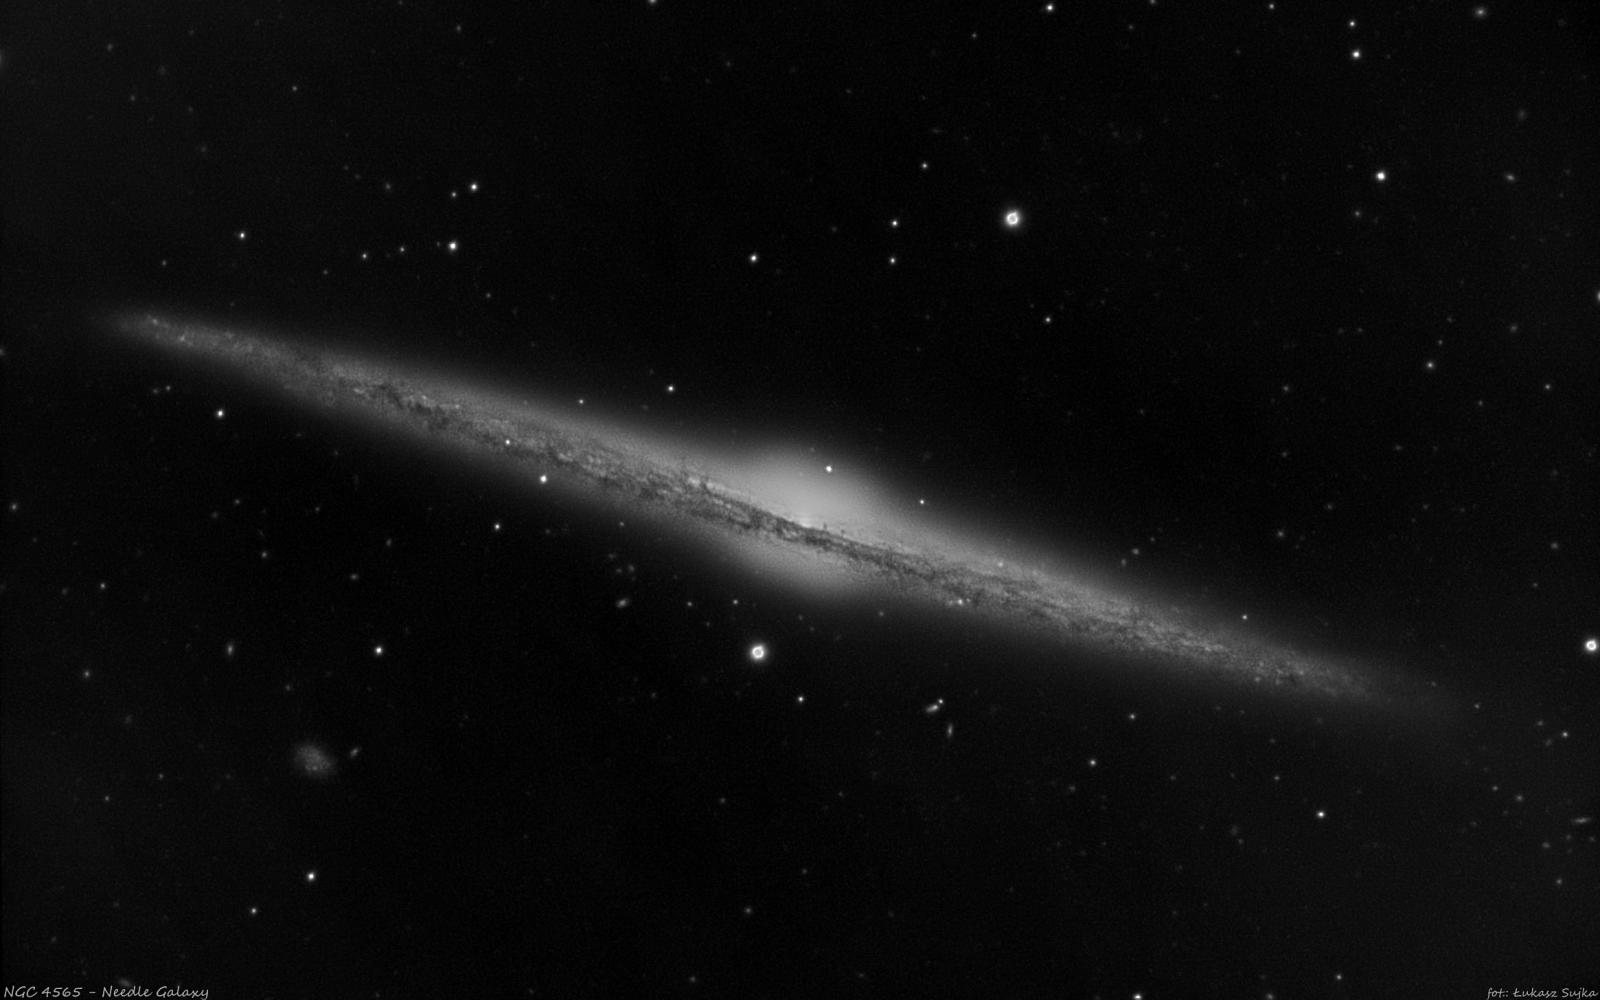 1926676314_NGC4565b_w80pr.jpg.5fe1584b70e7065edd66c9fbef2df899.thumb.png.02bcafbc566b91e9248e5f41d0b5283c.png